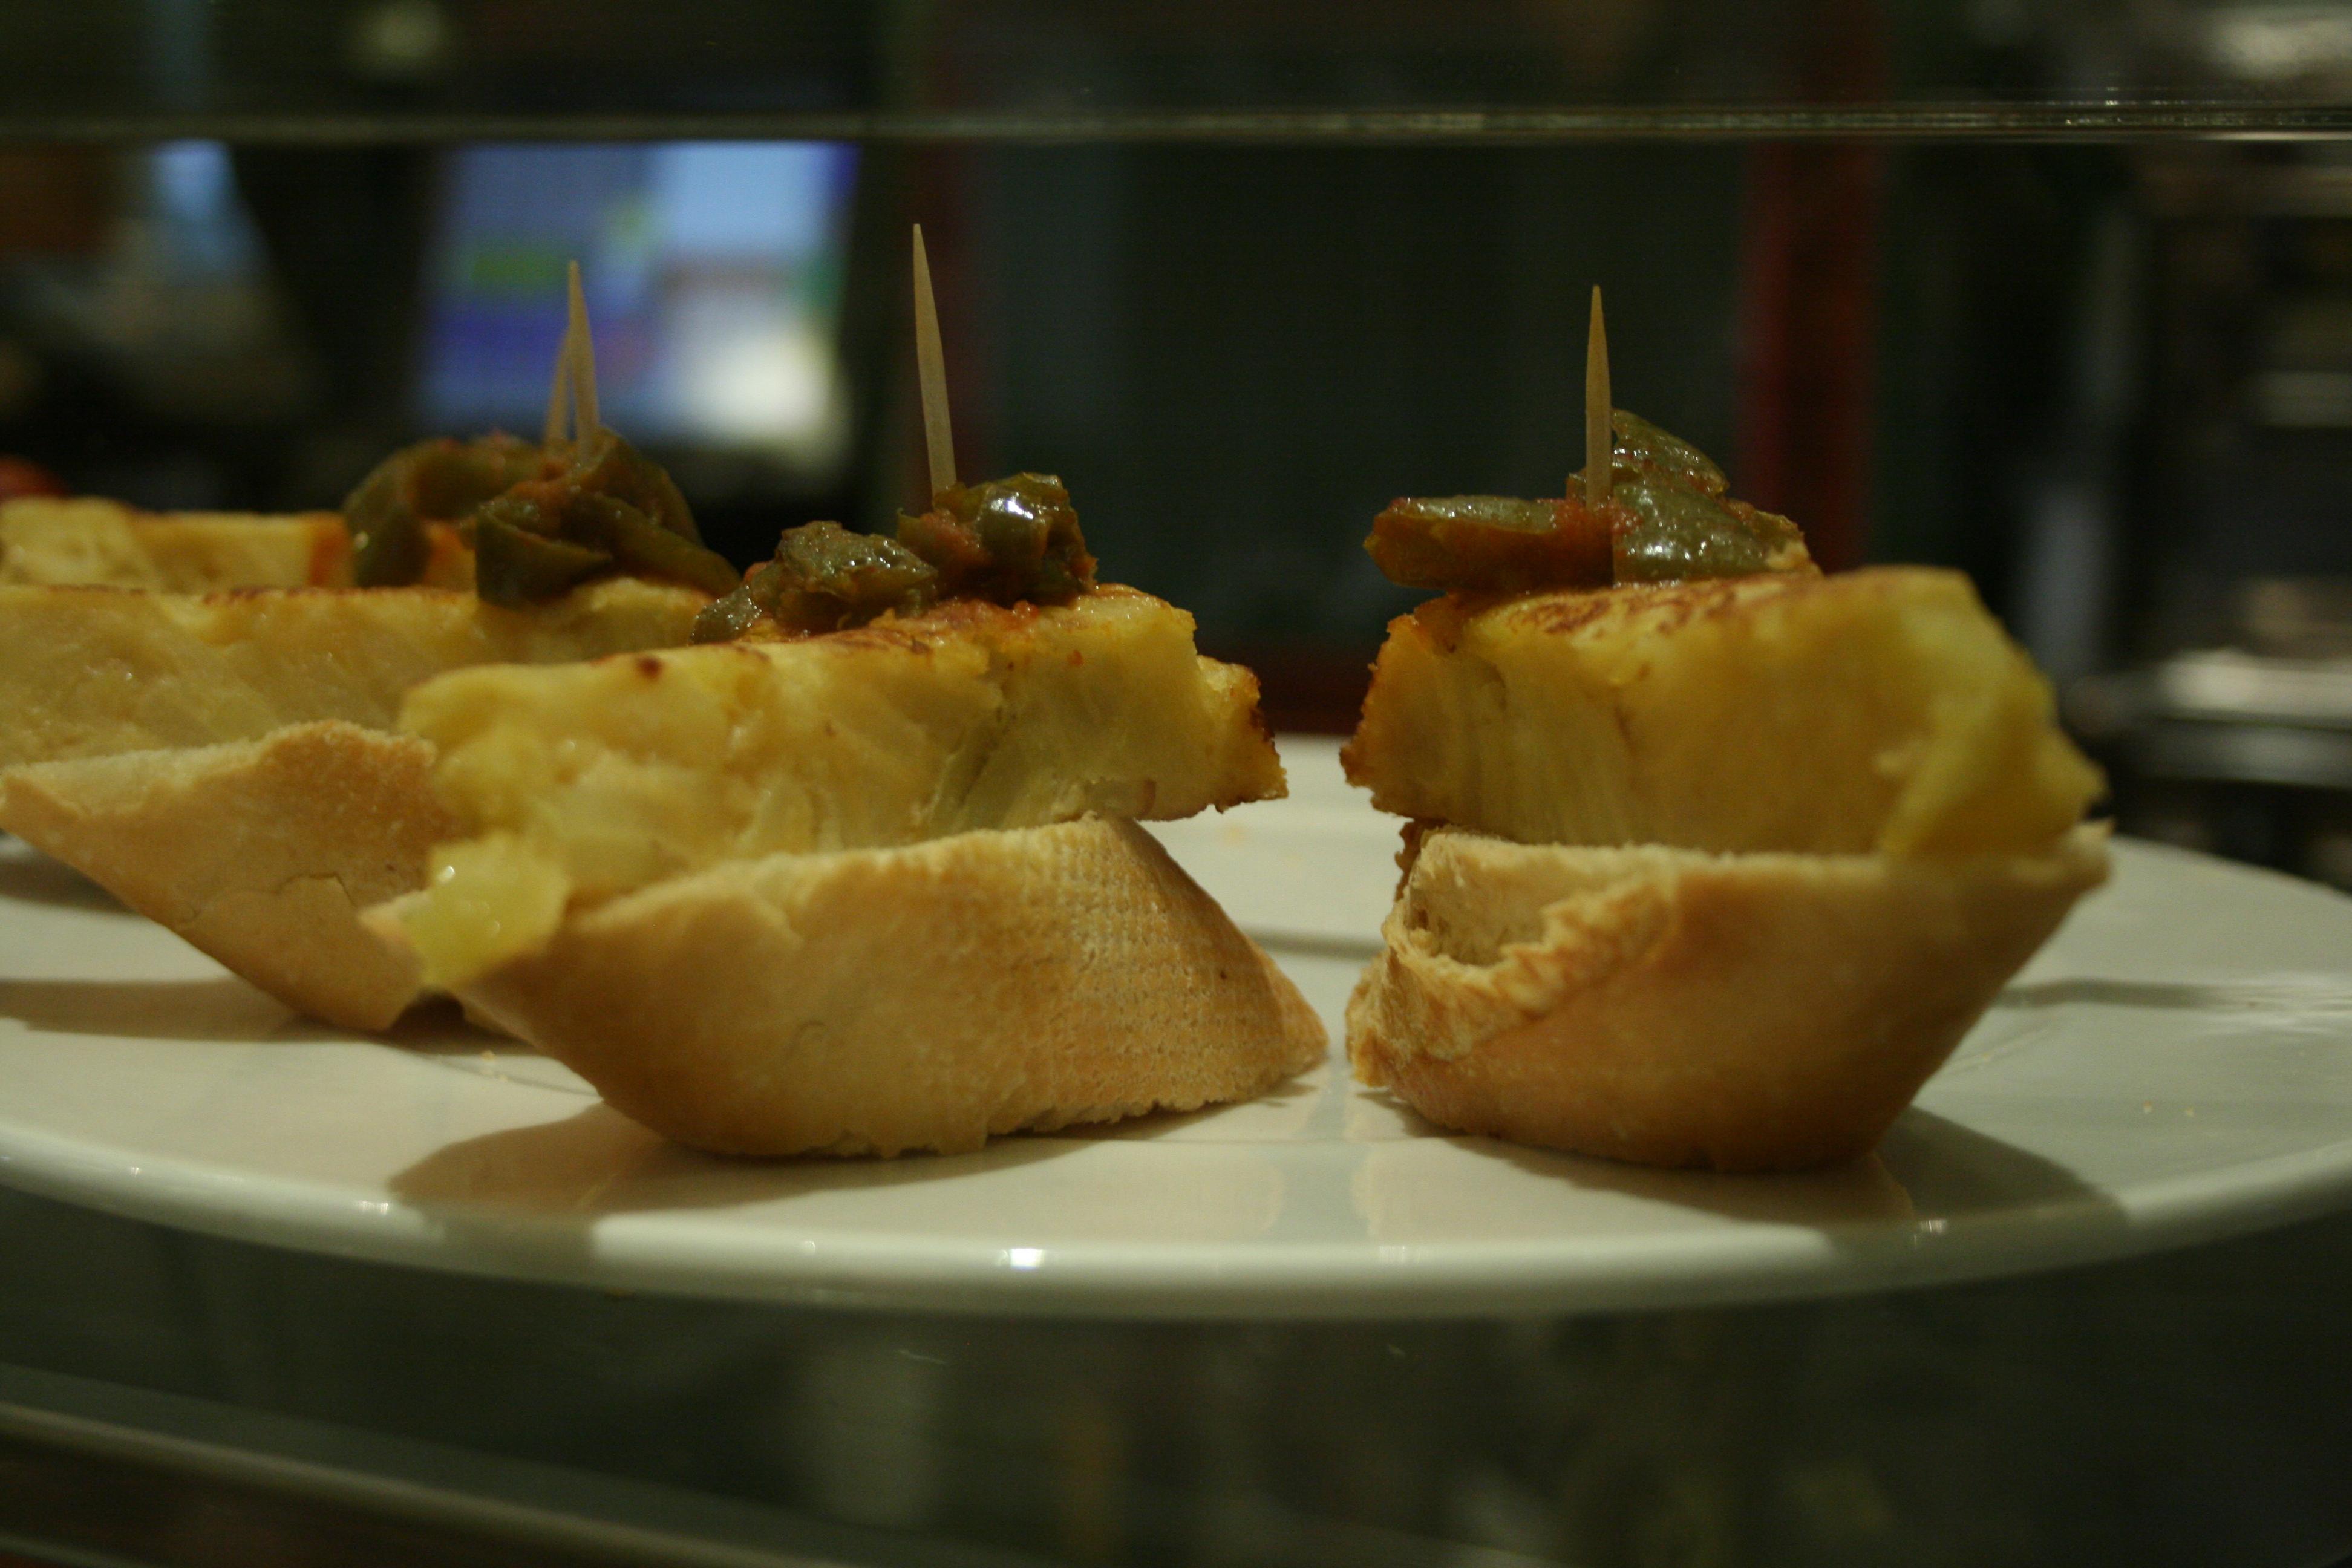 tapas de tortilla espanola